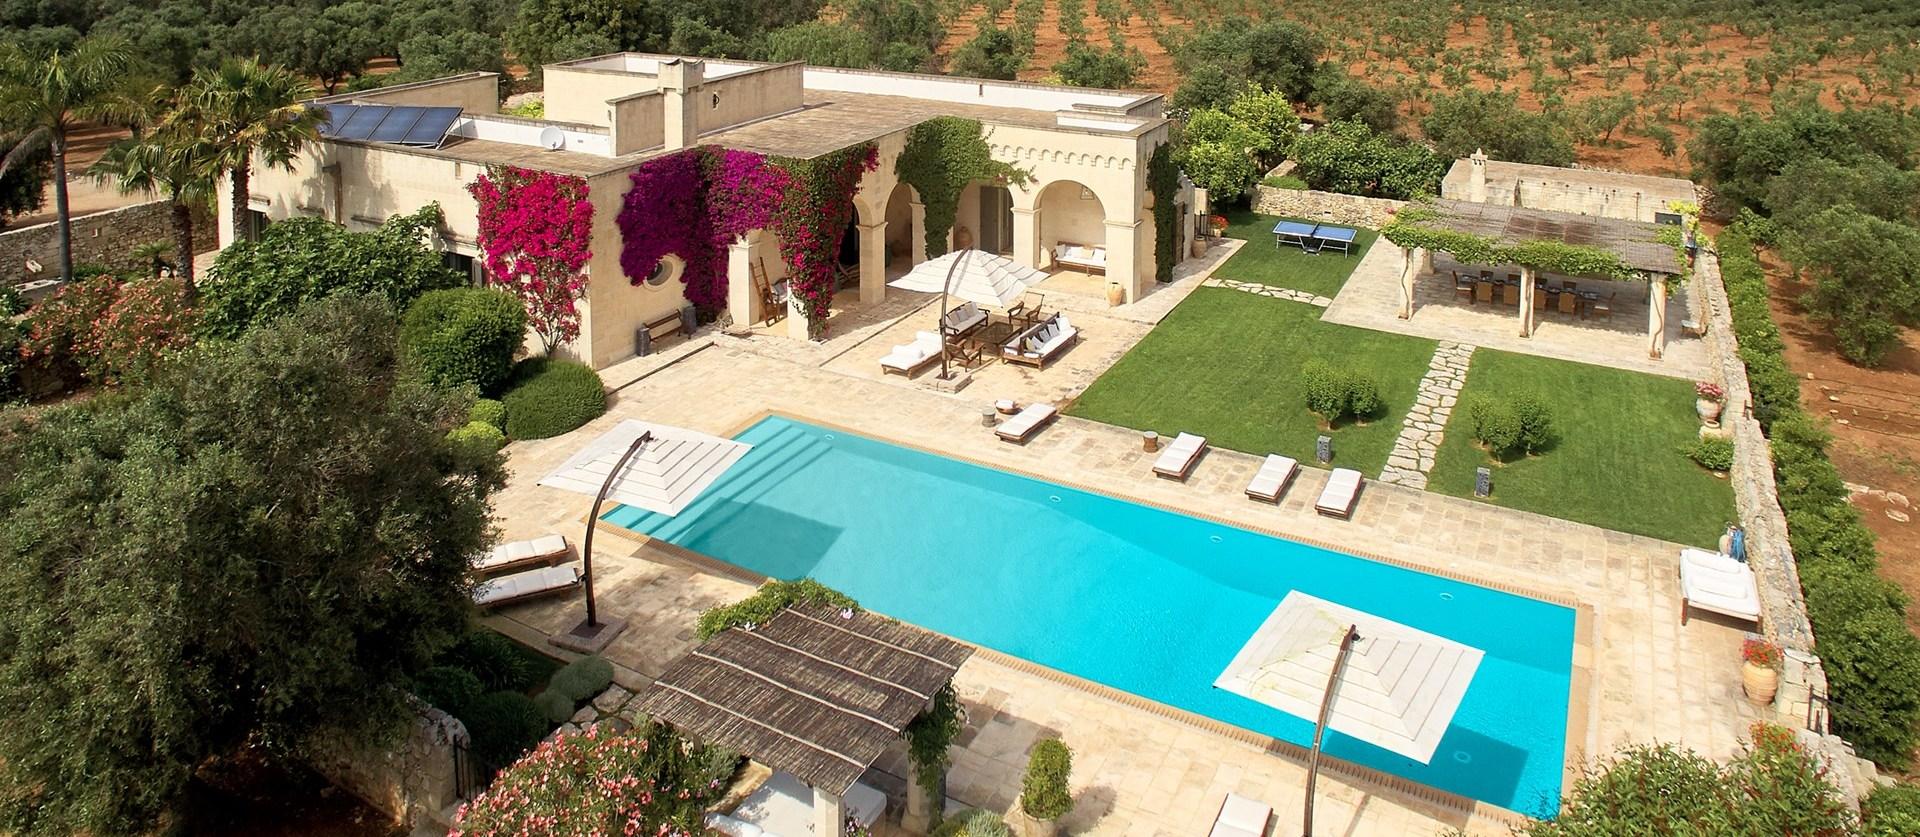 masseria-coloniale-private-villa